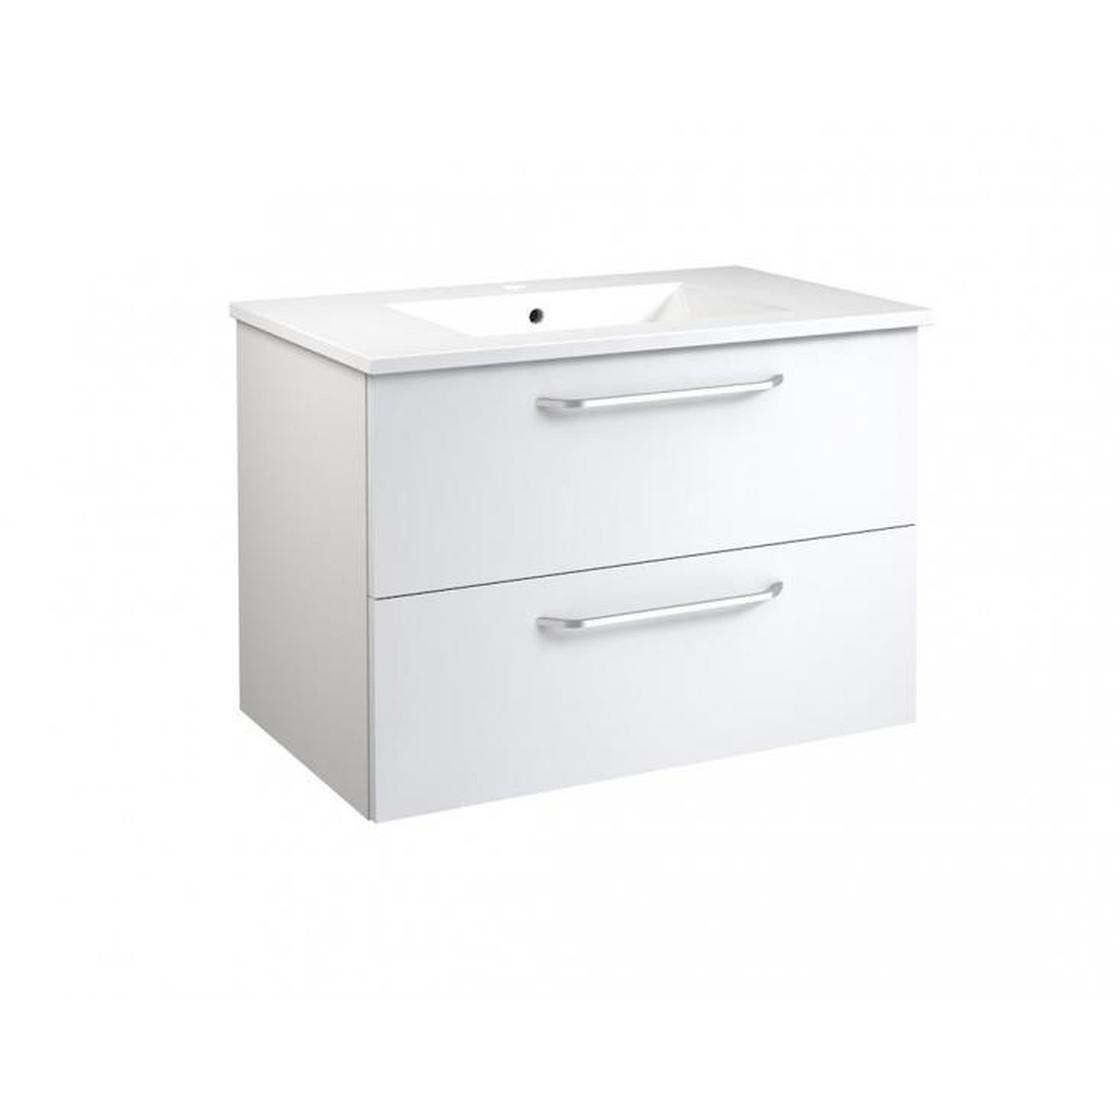 vidamar luna waschtischunterschrank mit 2 schubladen. Black Bedroom Furniture Sets. Home Design Ideas